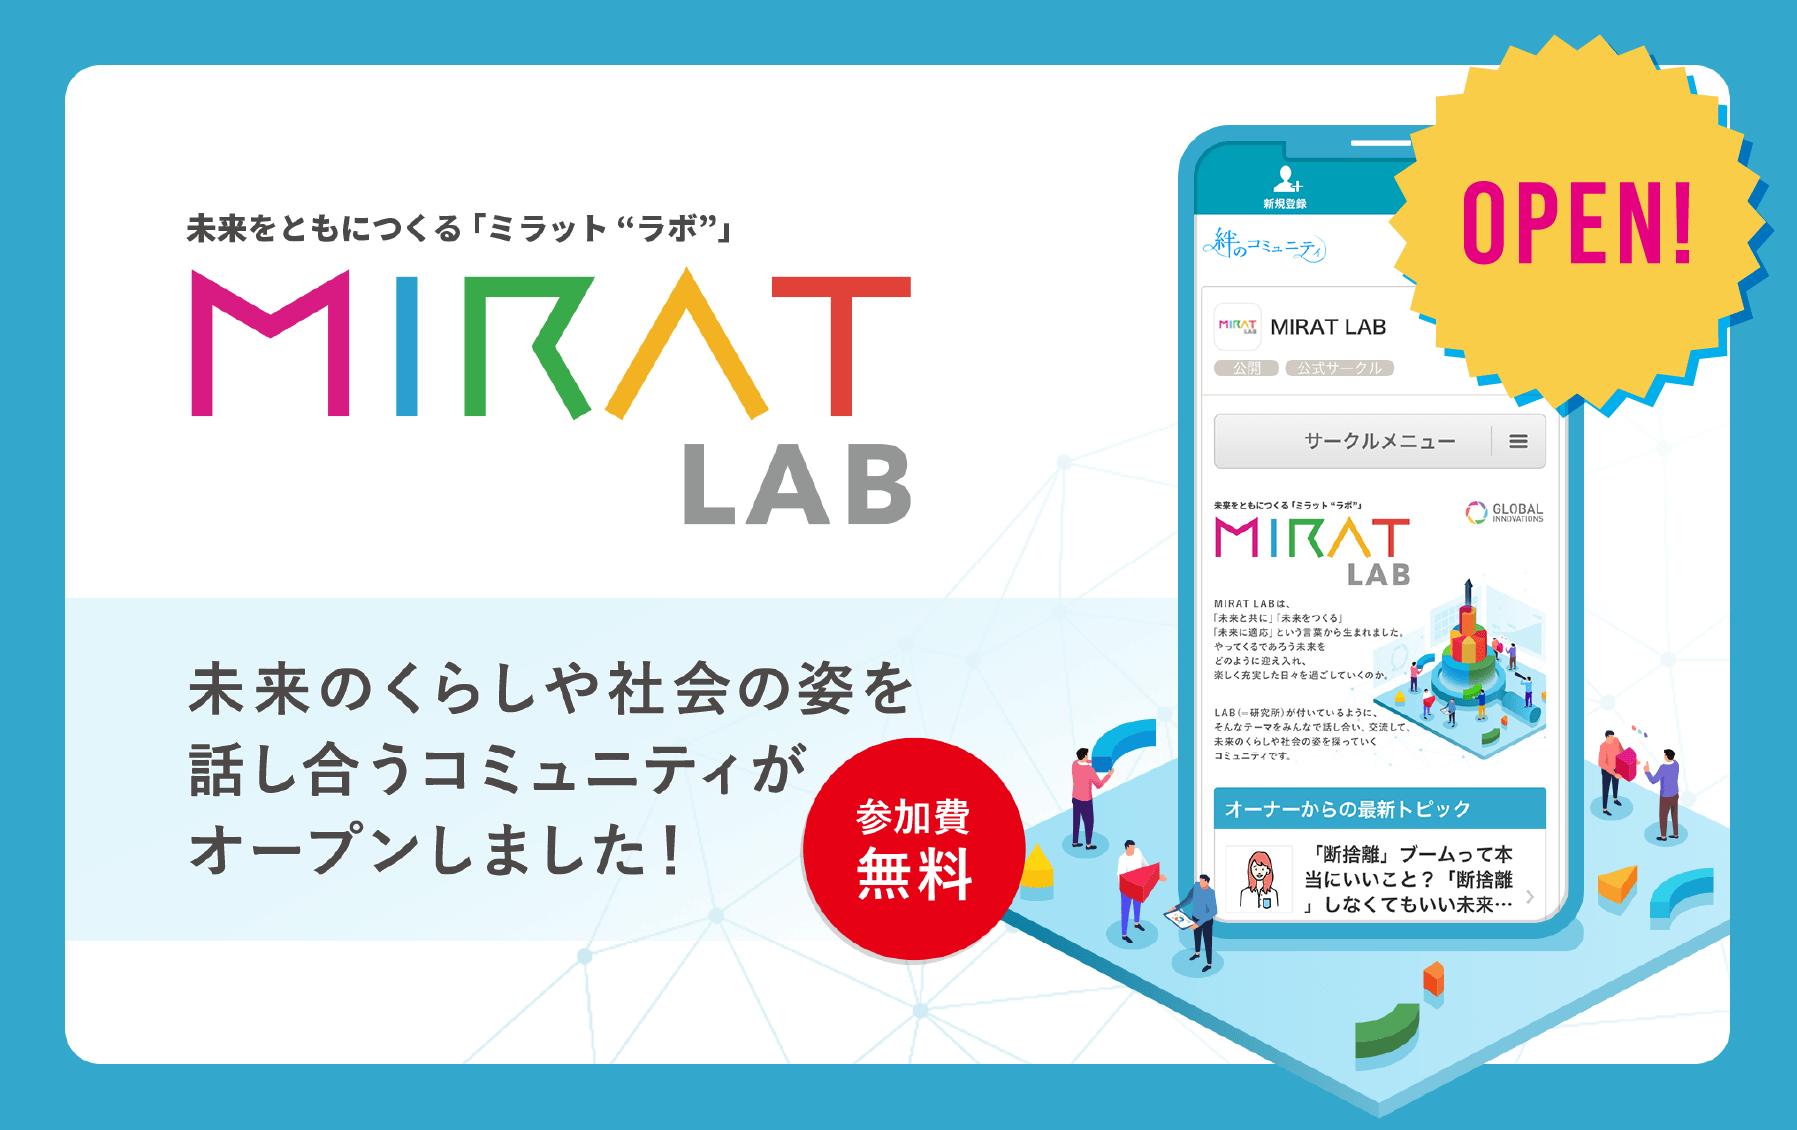 未来をともにつくるMIRAT LAB 未来の暮らしや社会の姿を話し合うコミュニティがオープンしました!参加費無料